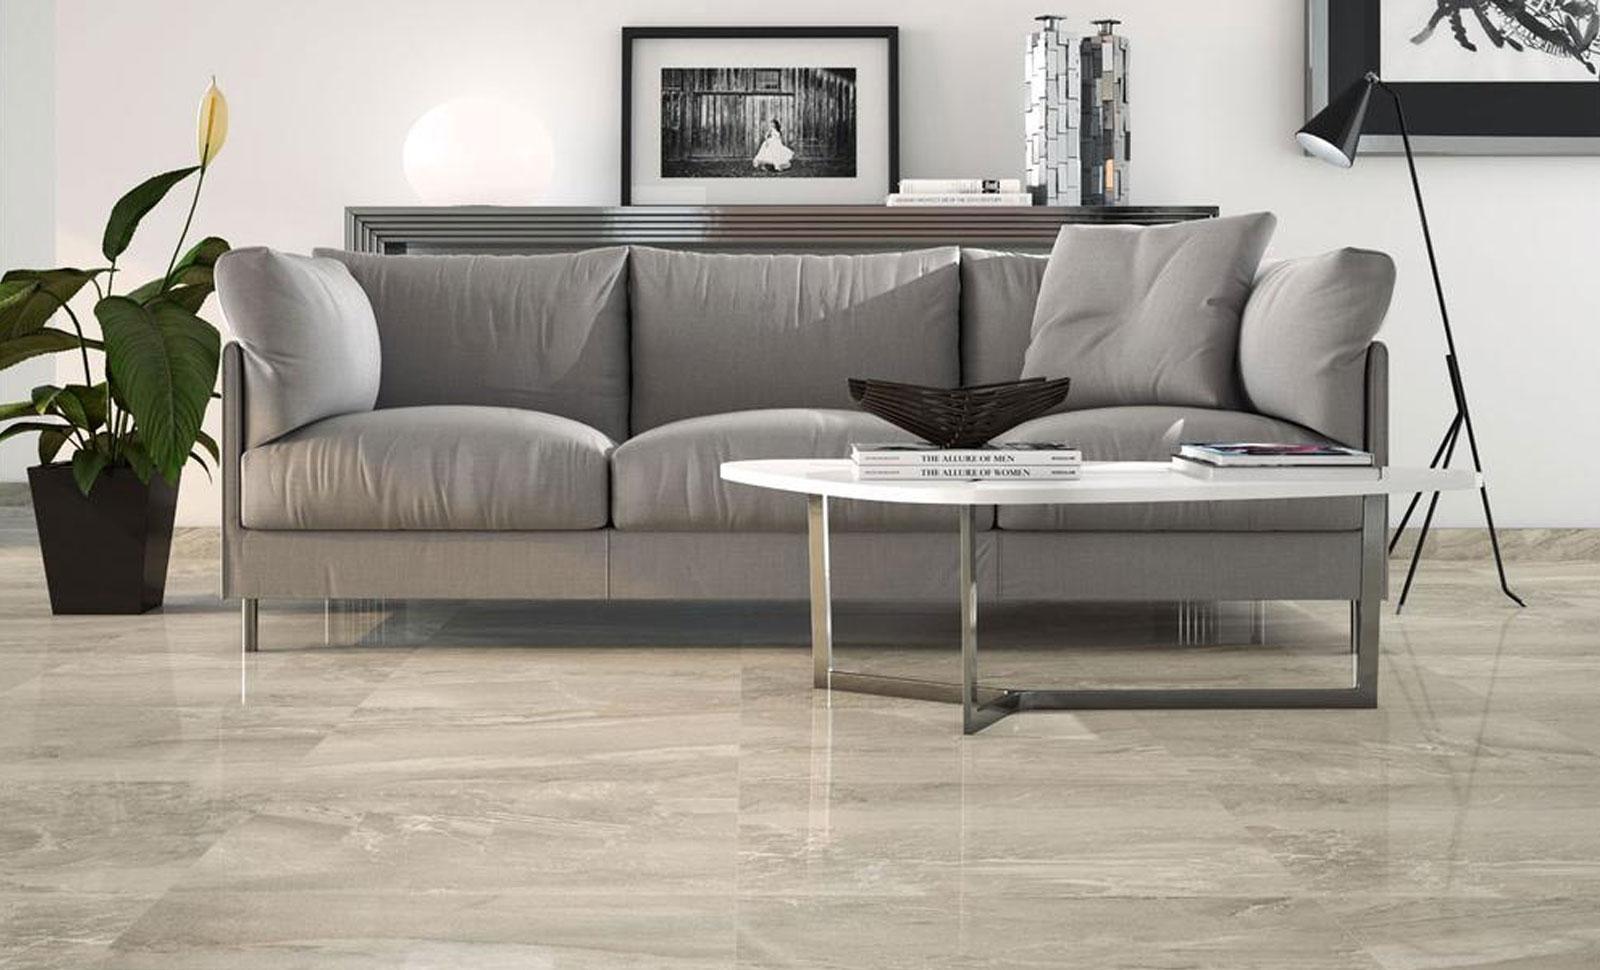 Pavimento del soggiorno come sceglierlo silvestri pavimenti a